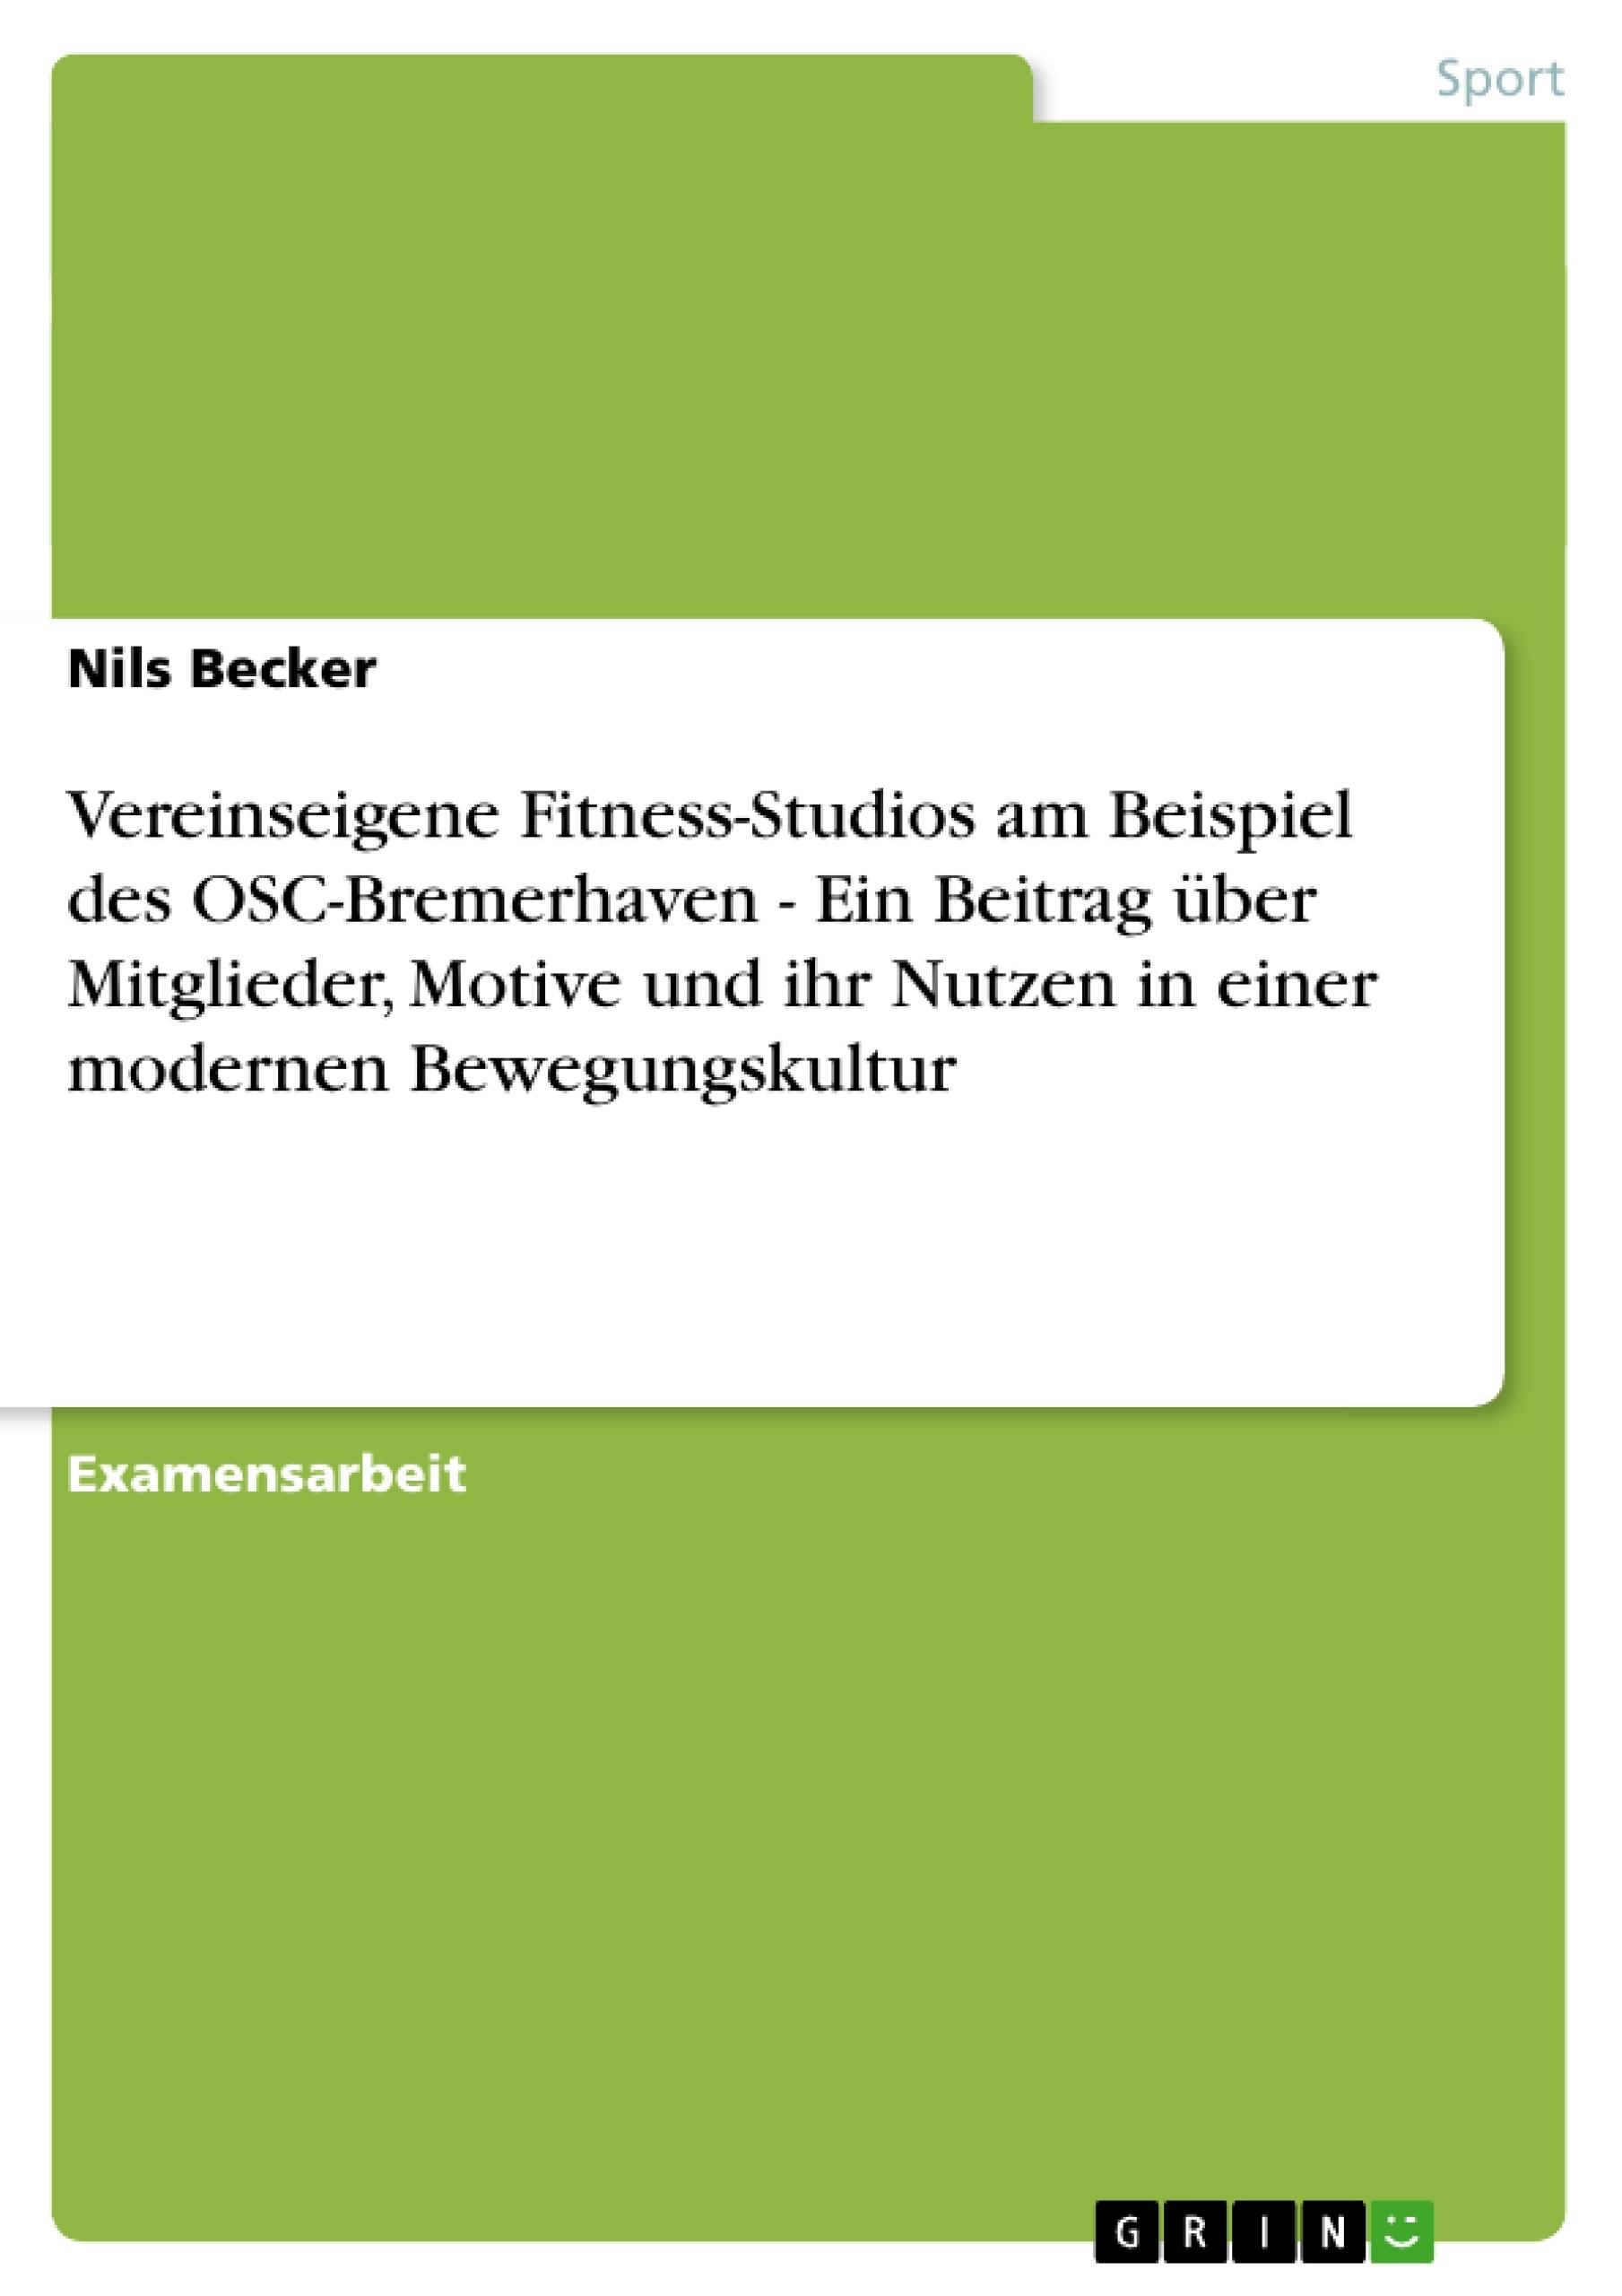 Titel: Vereinseigene Fitness-Studios am Beispiel des OSC-Bremerhaven - Ein Beitrag über Mitglieder, Motive und ihr Nutzen in einer modernen Bewegungskultur